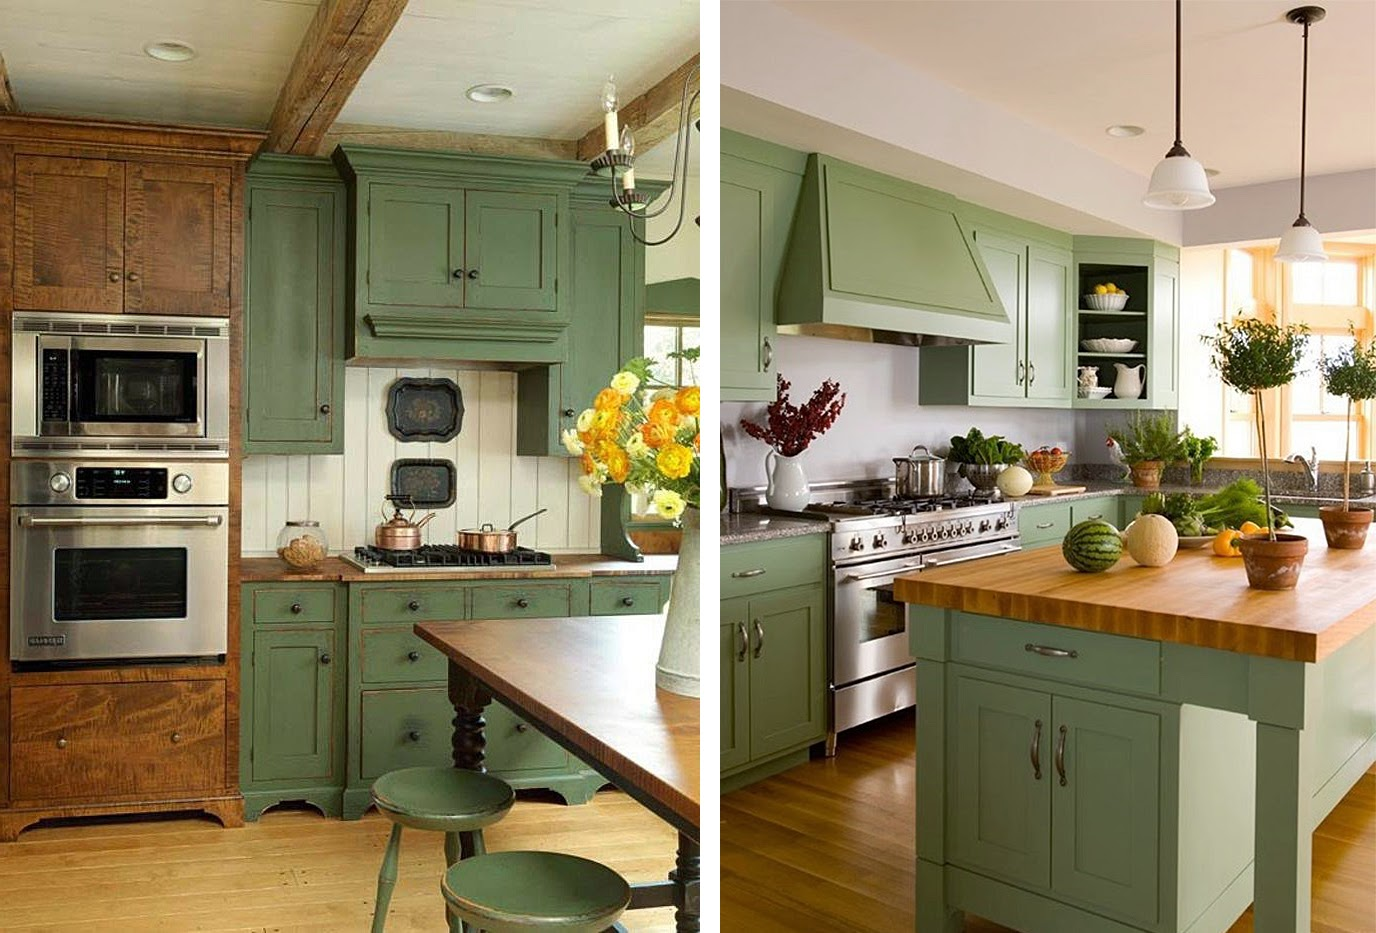 Кухня фисташкового цвета: свежо, неординарно, позитивно